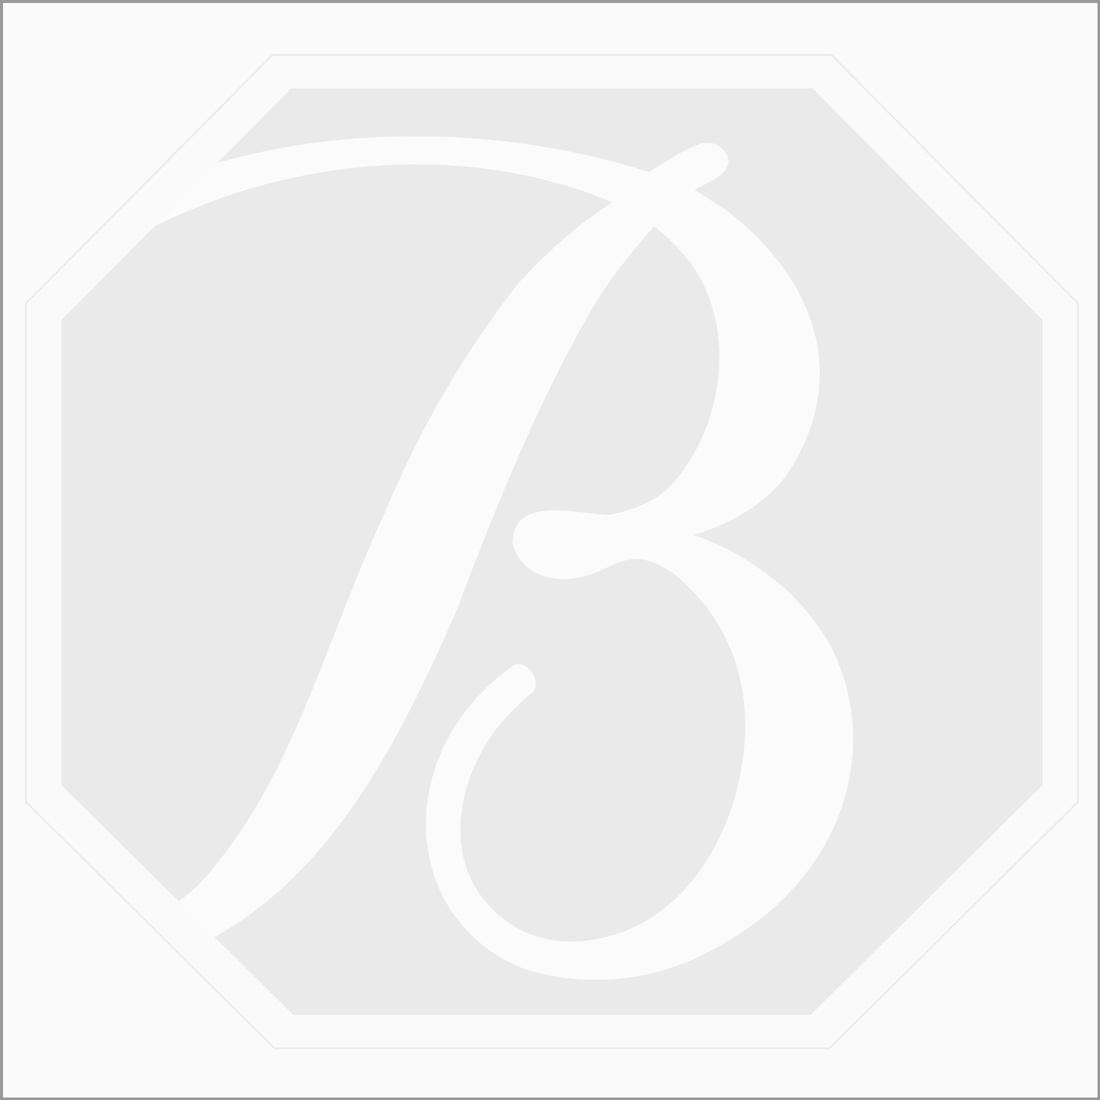 2 Pcs - Dark Green Tourmaline Rose Cuts - 7.68 ct. - 12.5 x 9.2 x 4.4 mm & 12.5 x 9.4 x 3.3 mm (TRC1070)